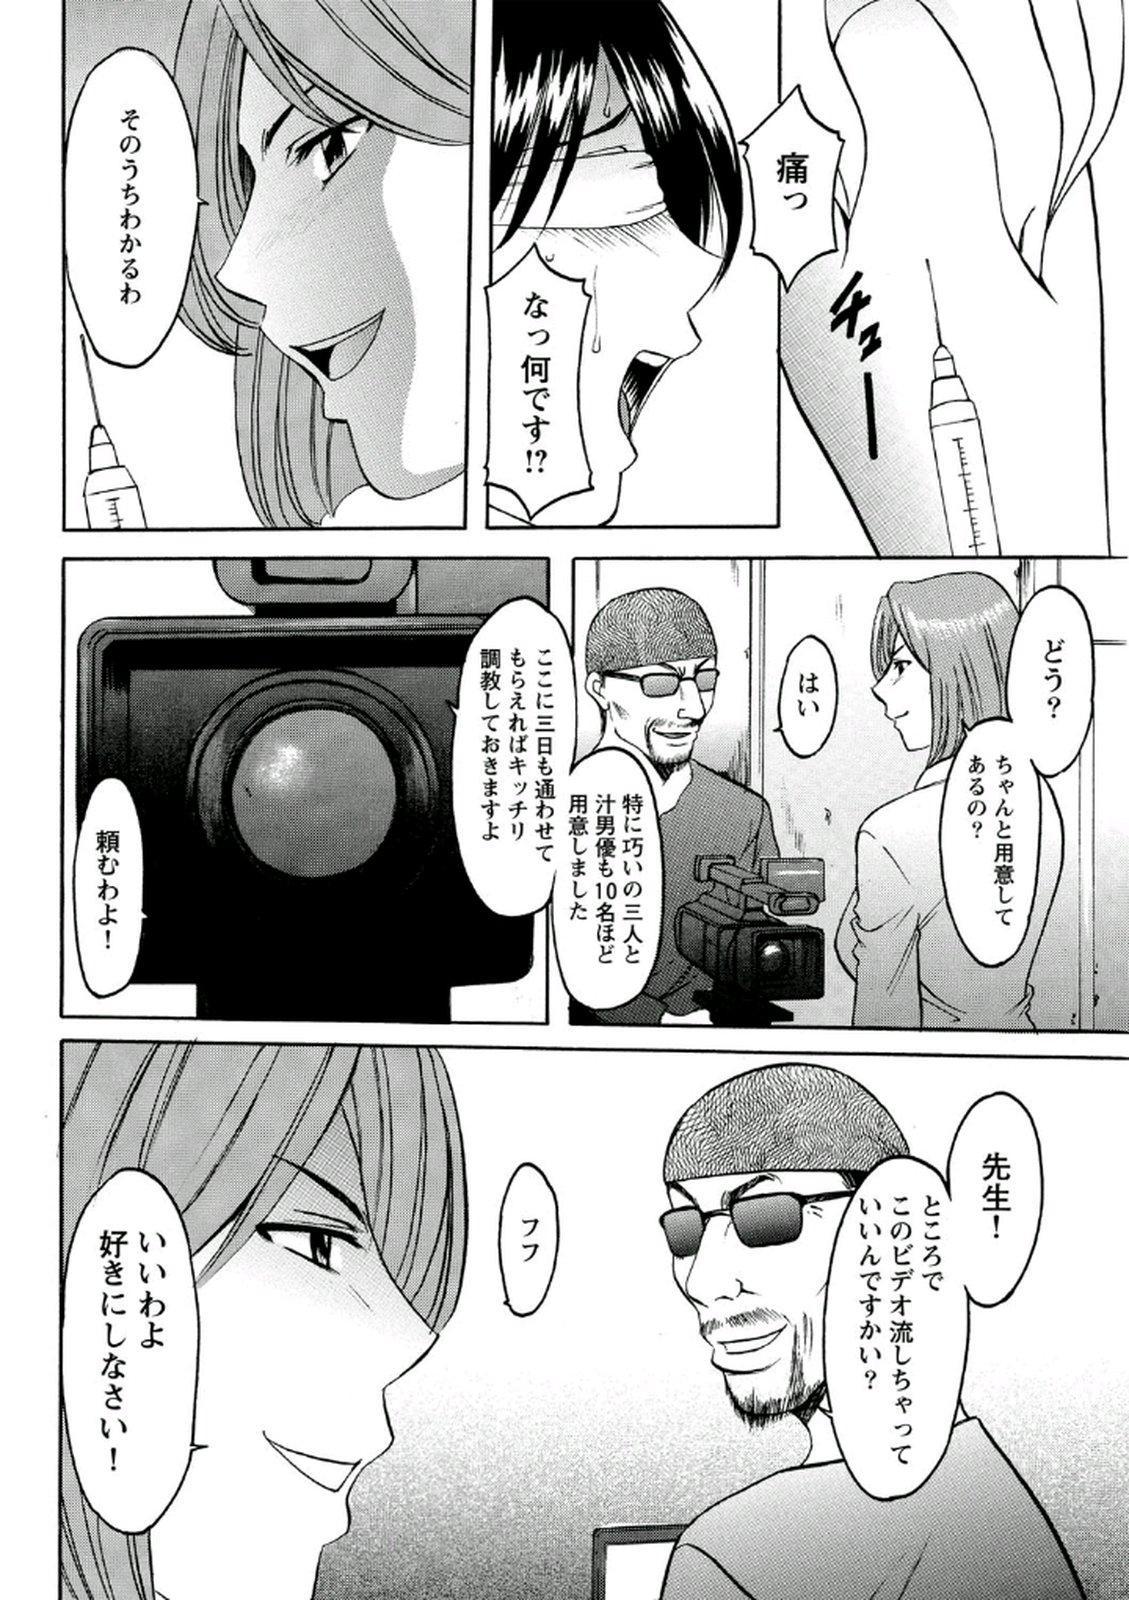 Chijoku Byoutou 141